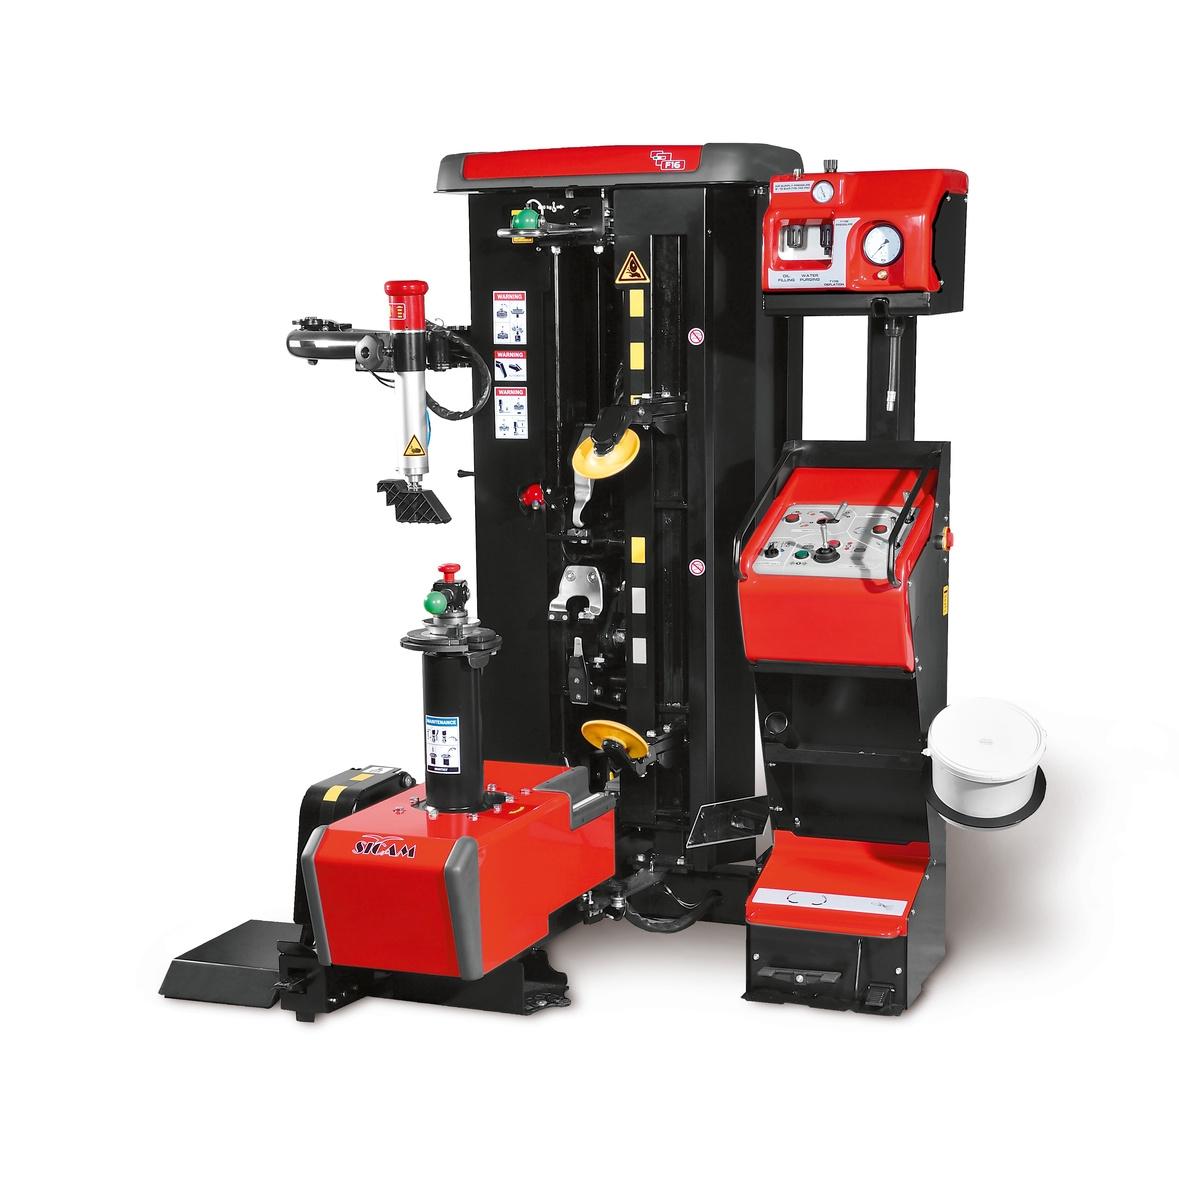 Sicam presenta nuovi smontagomme ergonomici per operazioni di manutenzione più economiche